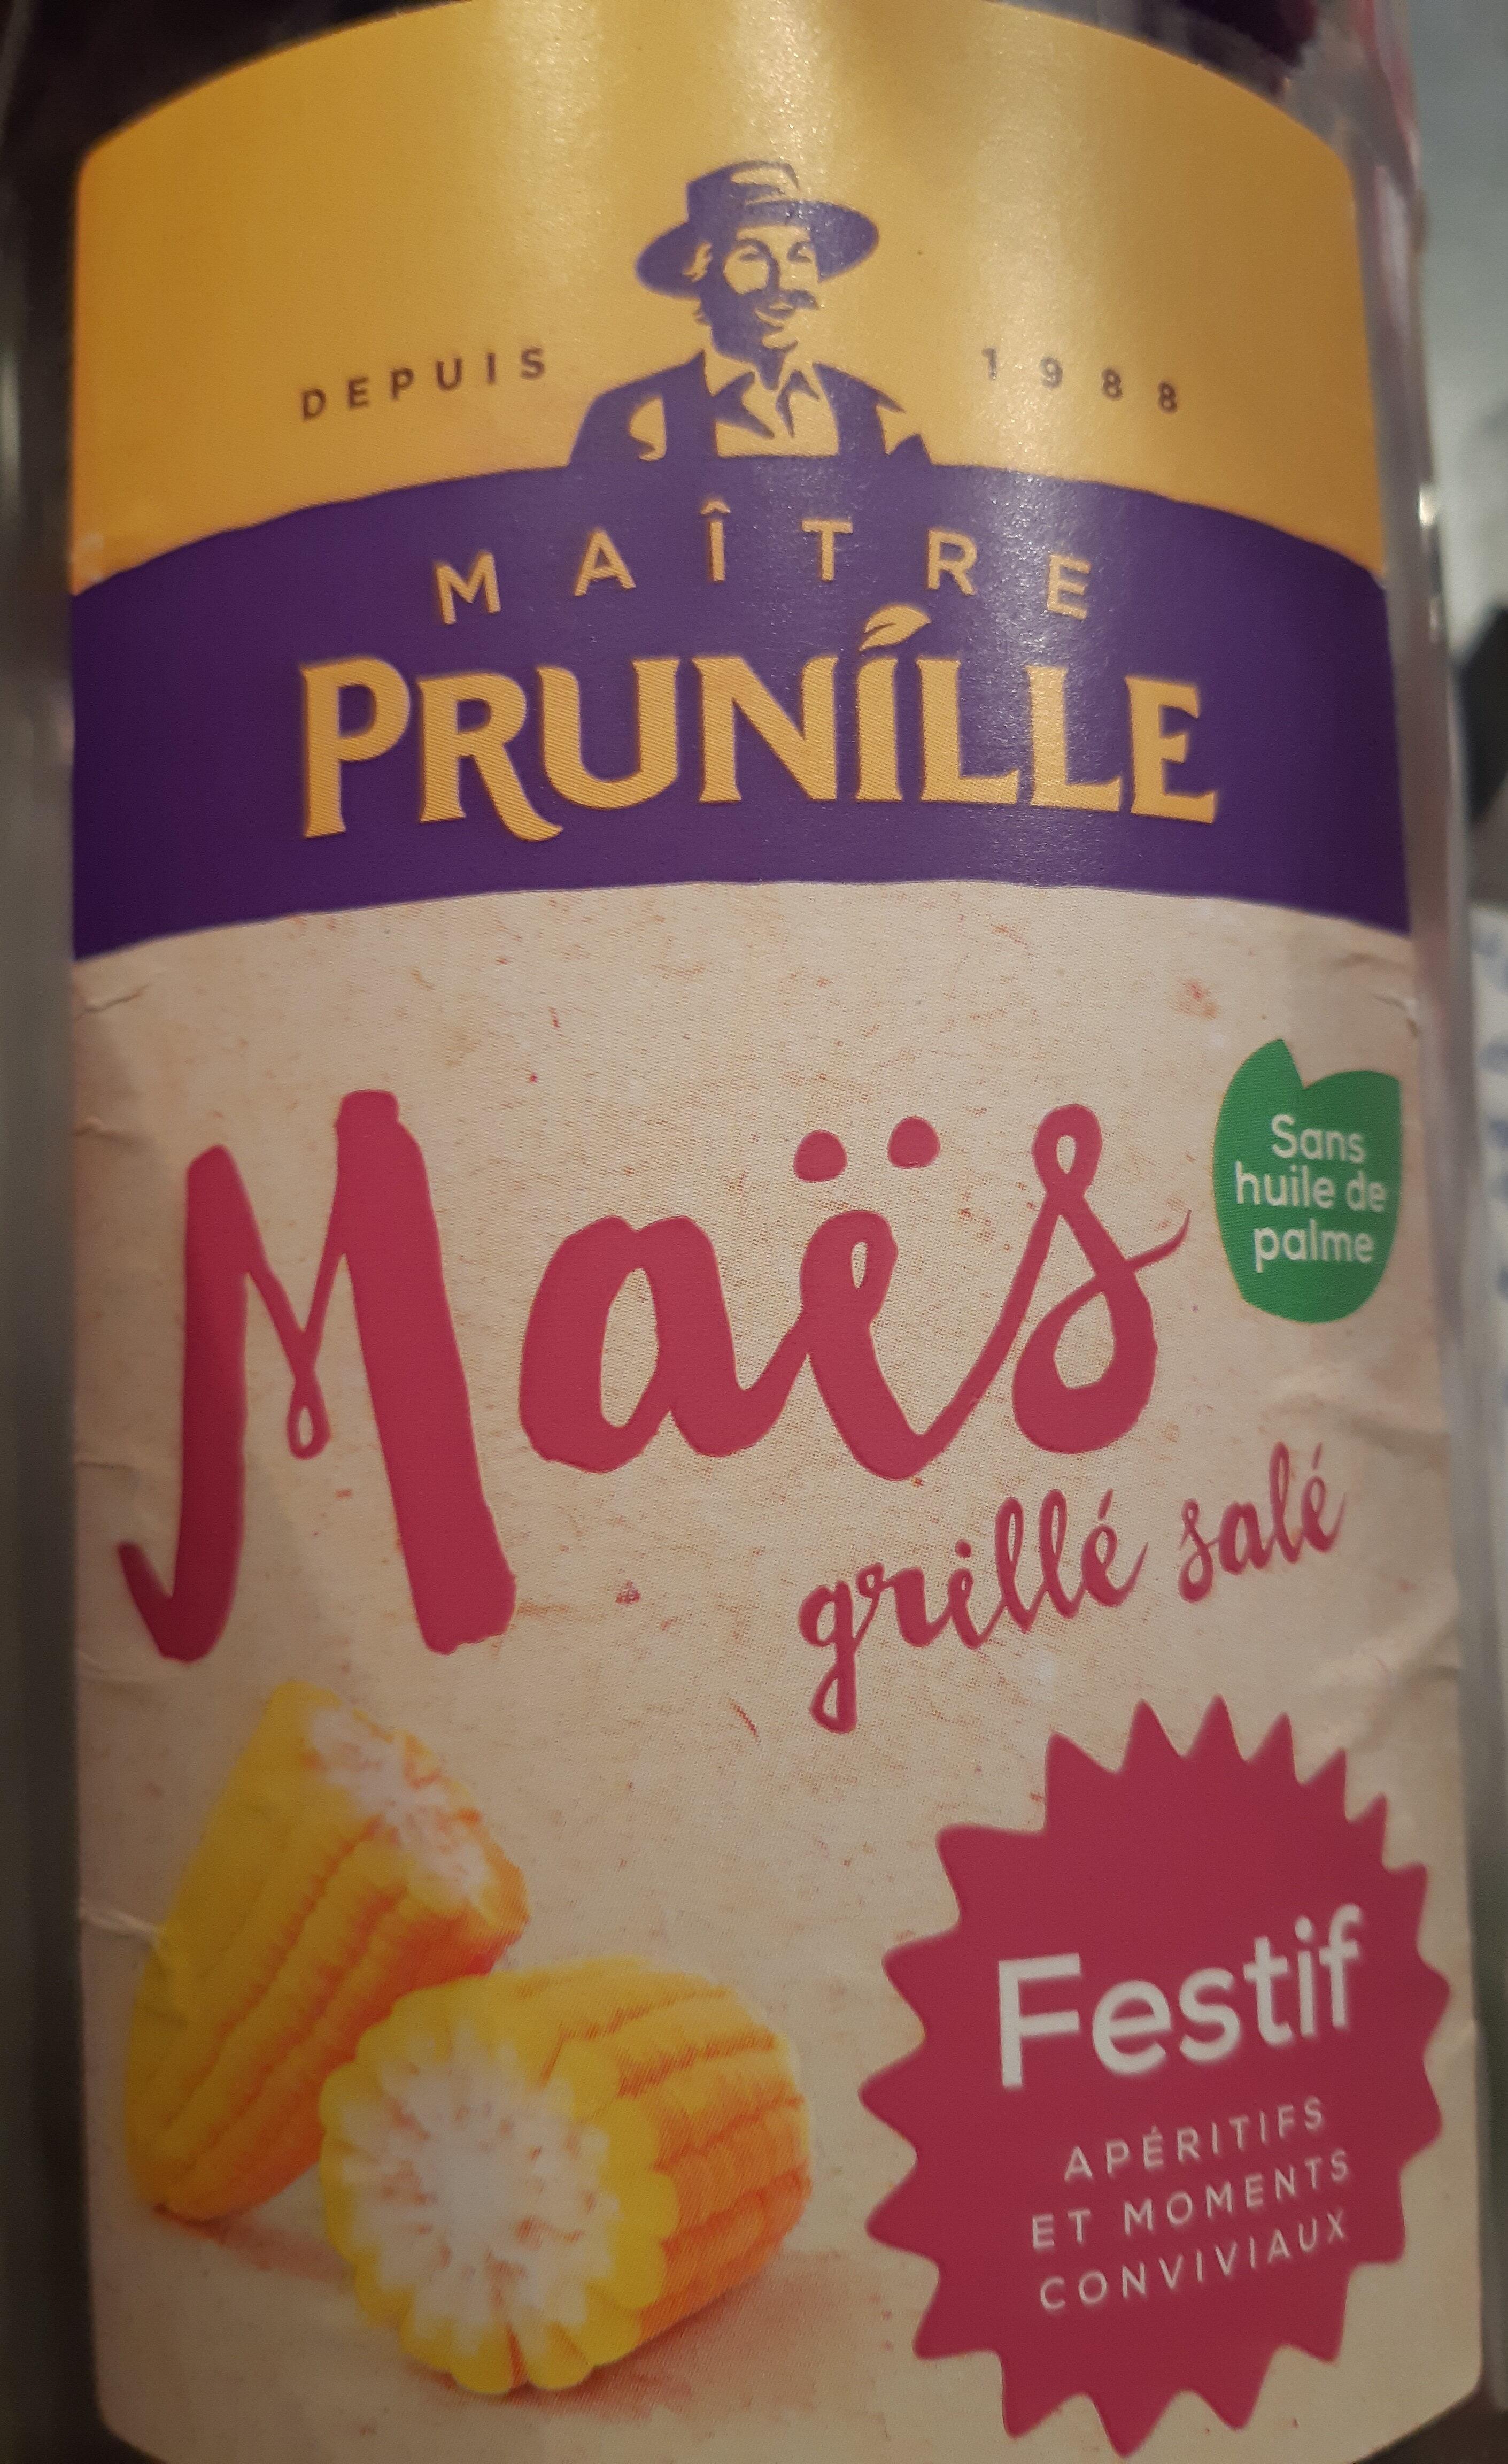 maïs grillé - Produit - fr